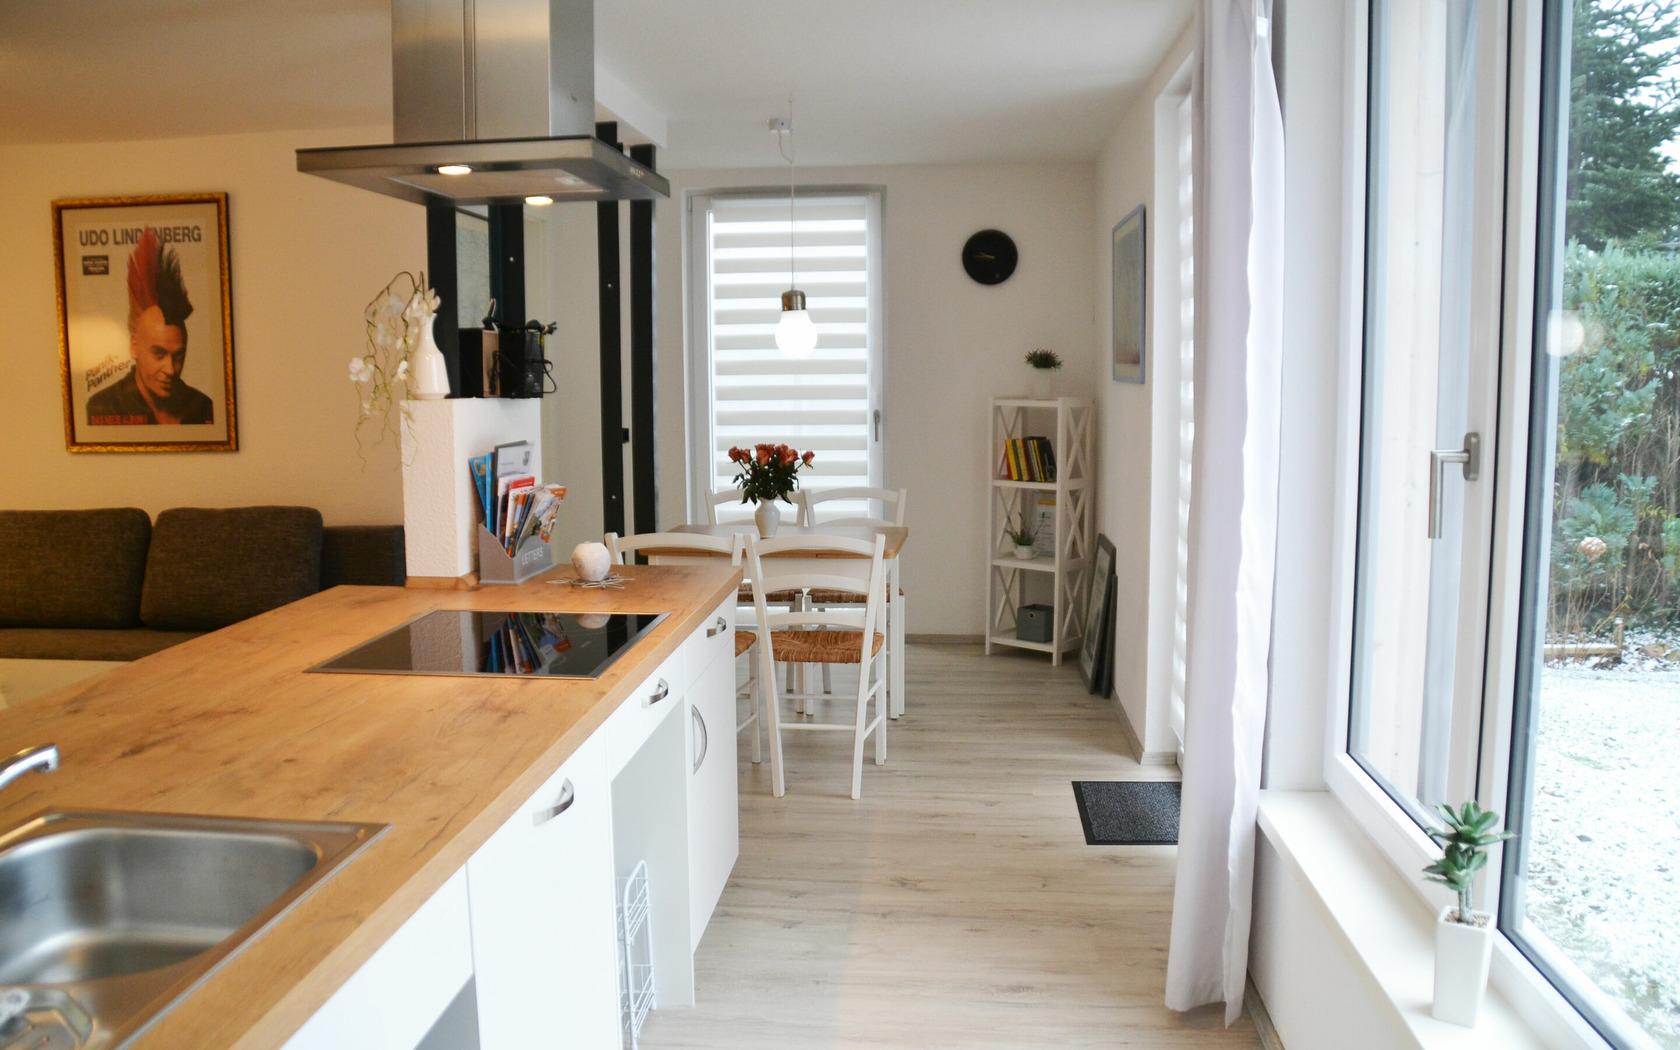 Ferienhaus Kerkwitz offener Koch-/Wohnbereich, Foto: MuT Guben